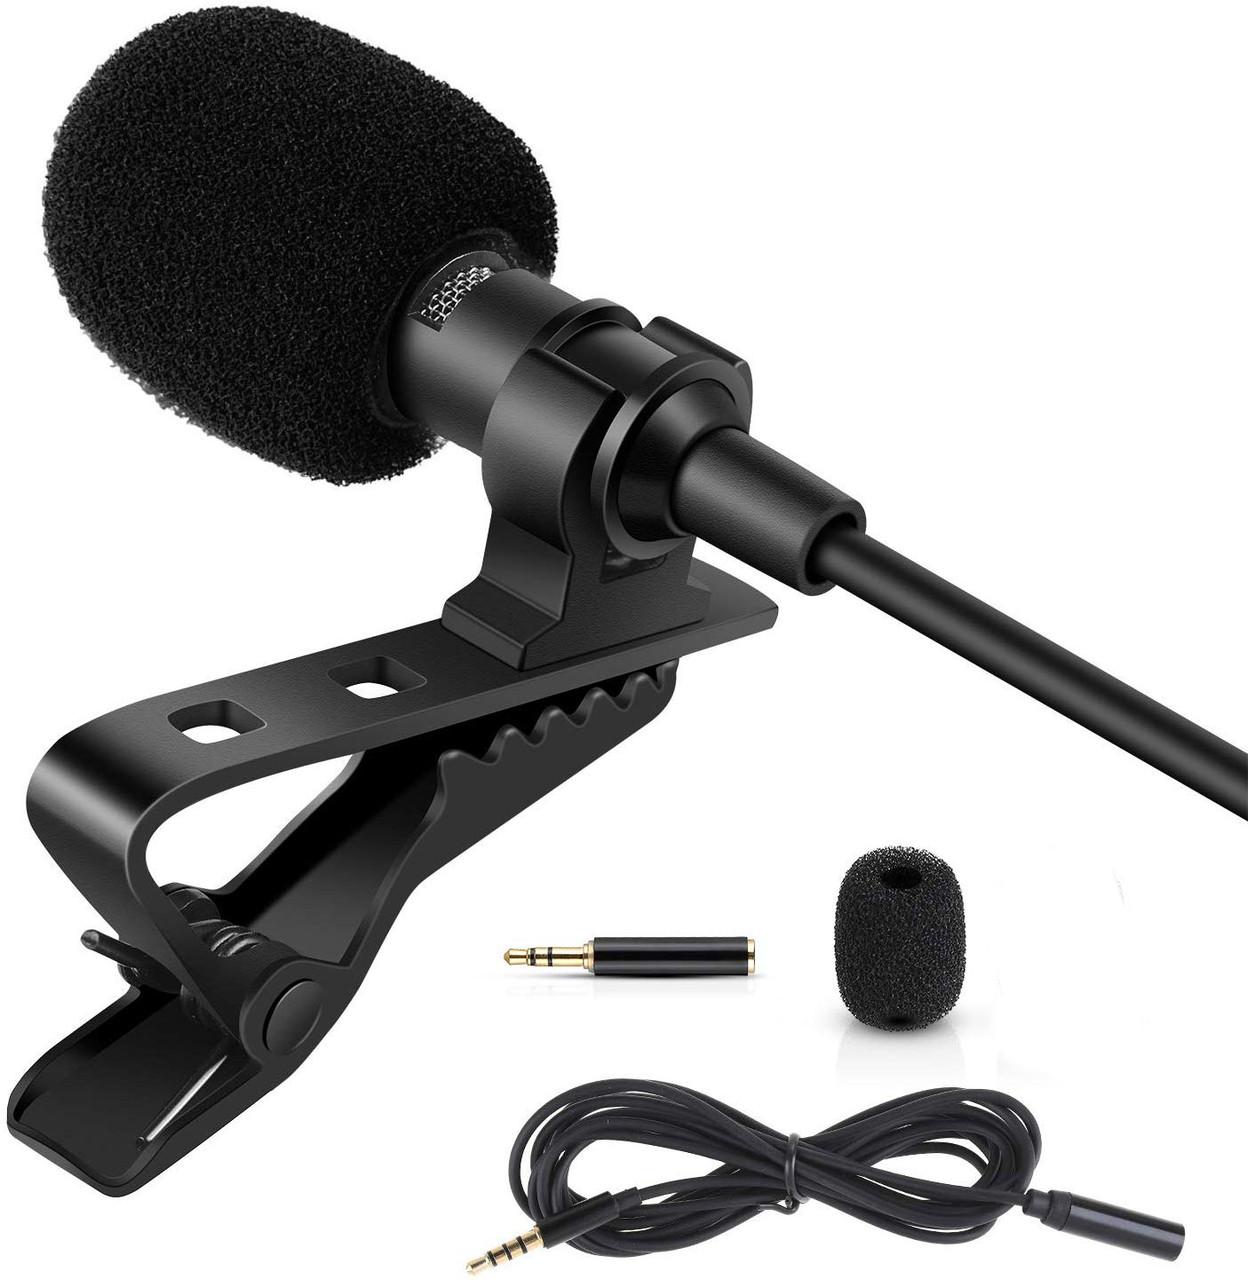 Профессиональный петличный микрофон ZL06 (для камер, смартфонов, планшетов, ноутбуков, ПК)